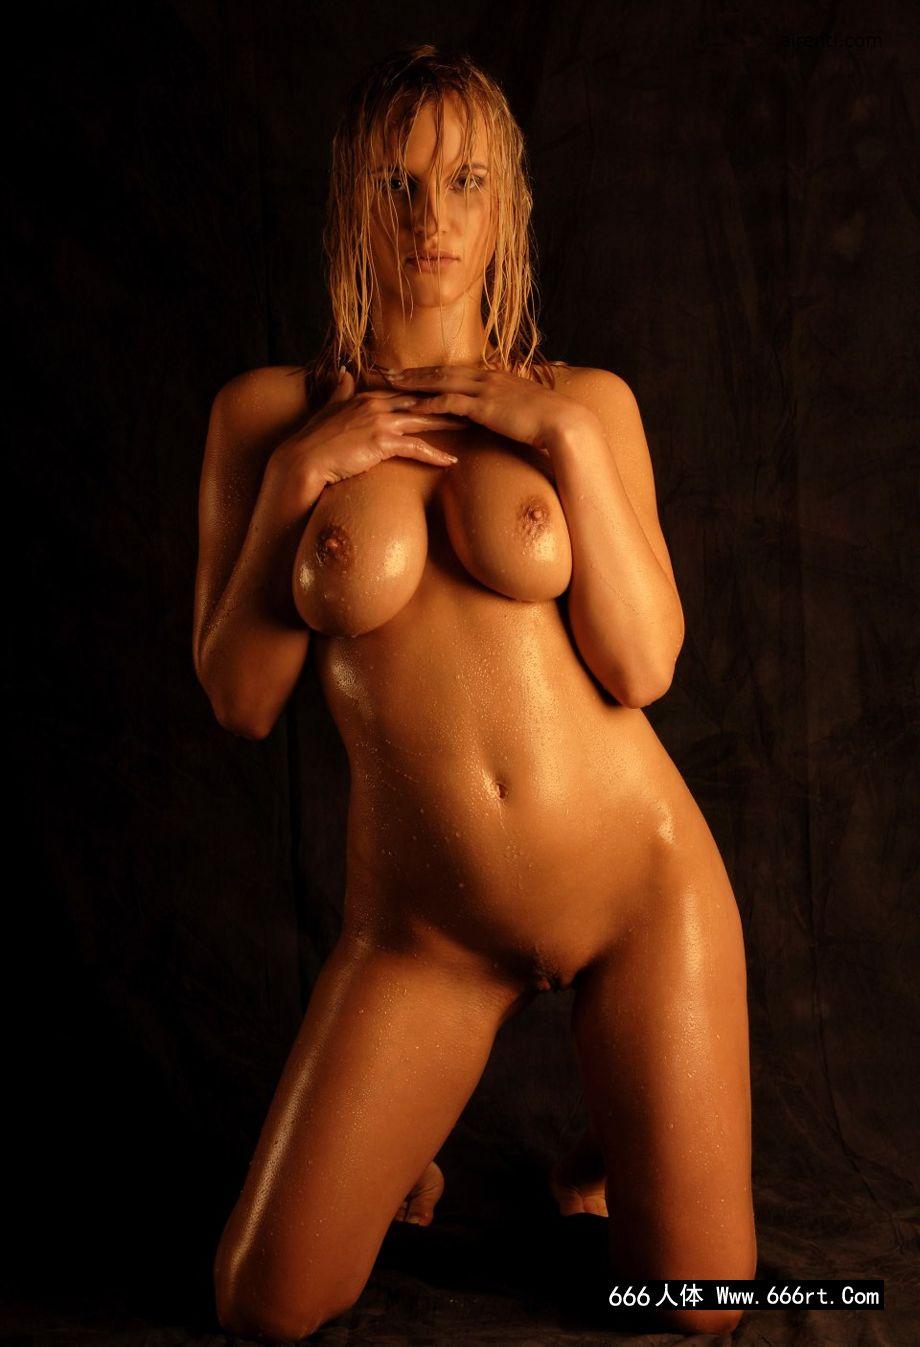 健美运动员柏莉棚拍湿身写照